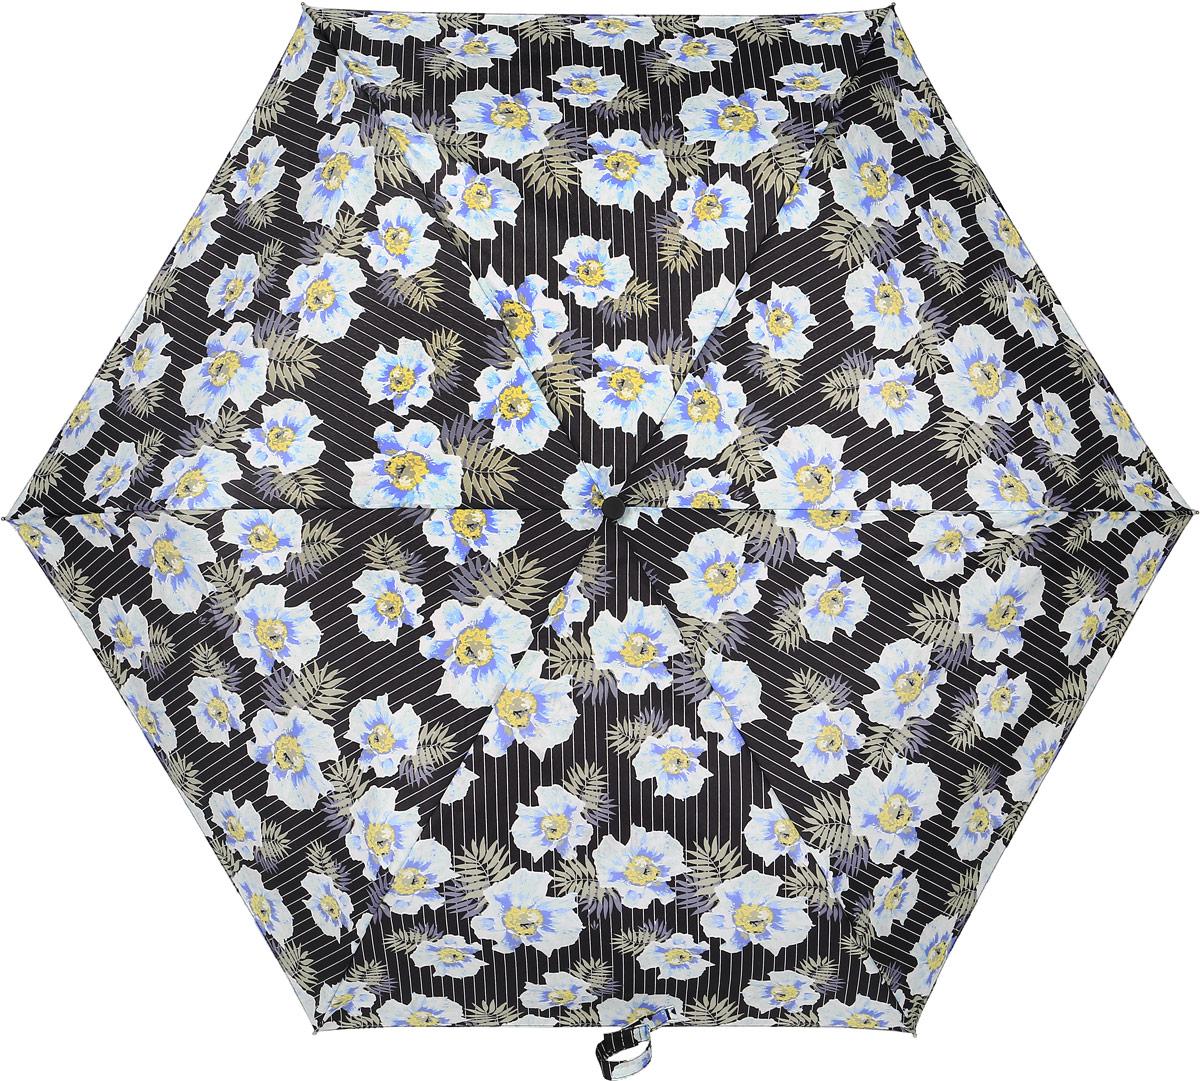 Зонт женский Fulton, механический, 3 сложения, цвет: мультиколор. L553-3375Колье (короткие одноярусные бусы)Стильный механический зонт Fulton имеет 3 сложения, даже в ненастную погоду позволит вам оставаться стильной. Легкий, но в тоже время прочный алюминиевый каркас состоит из шестиспиц с элементами из фибергласса. Купол зонта выполнен из прочного полиэстера с водоотталкивающей пропиткой. Рукоятка закругленной формы, разработанная с учетом требований эргономики, выполнена из каучука. Зонт имеет механический способ сложения: и купол, и стержень открываются и закрываются вручную до характерного щелчка.